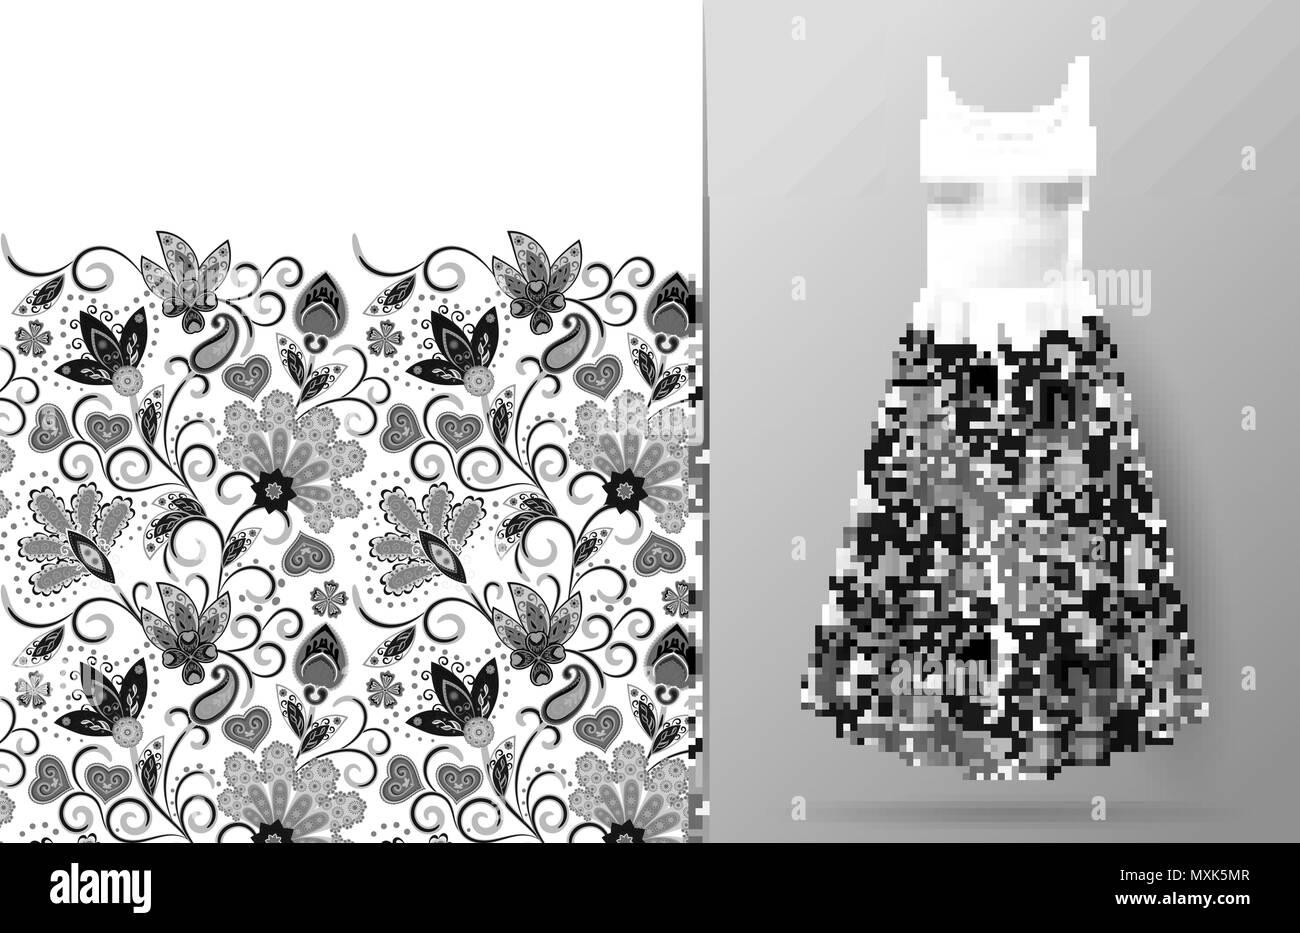 Nahtlose Vertikale Fantasy Blumen Grenze Muster Hand Zeichnen